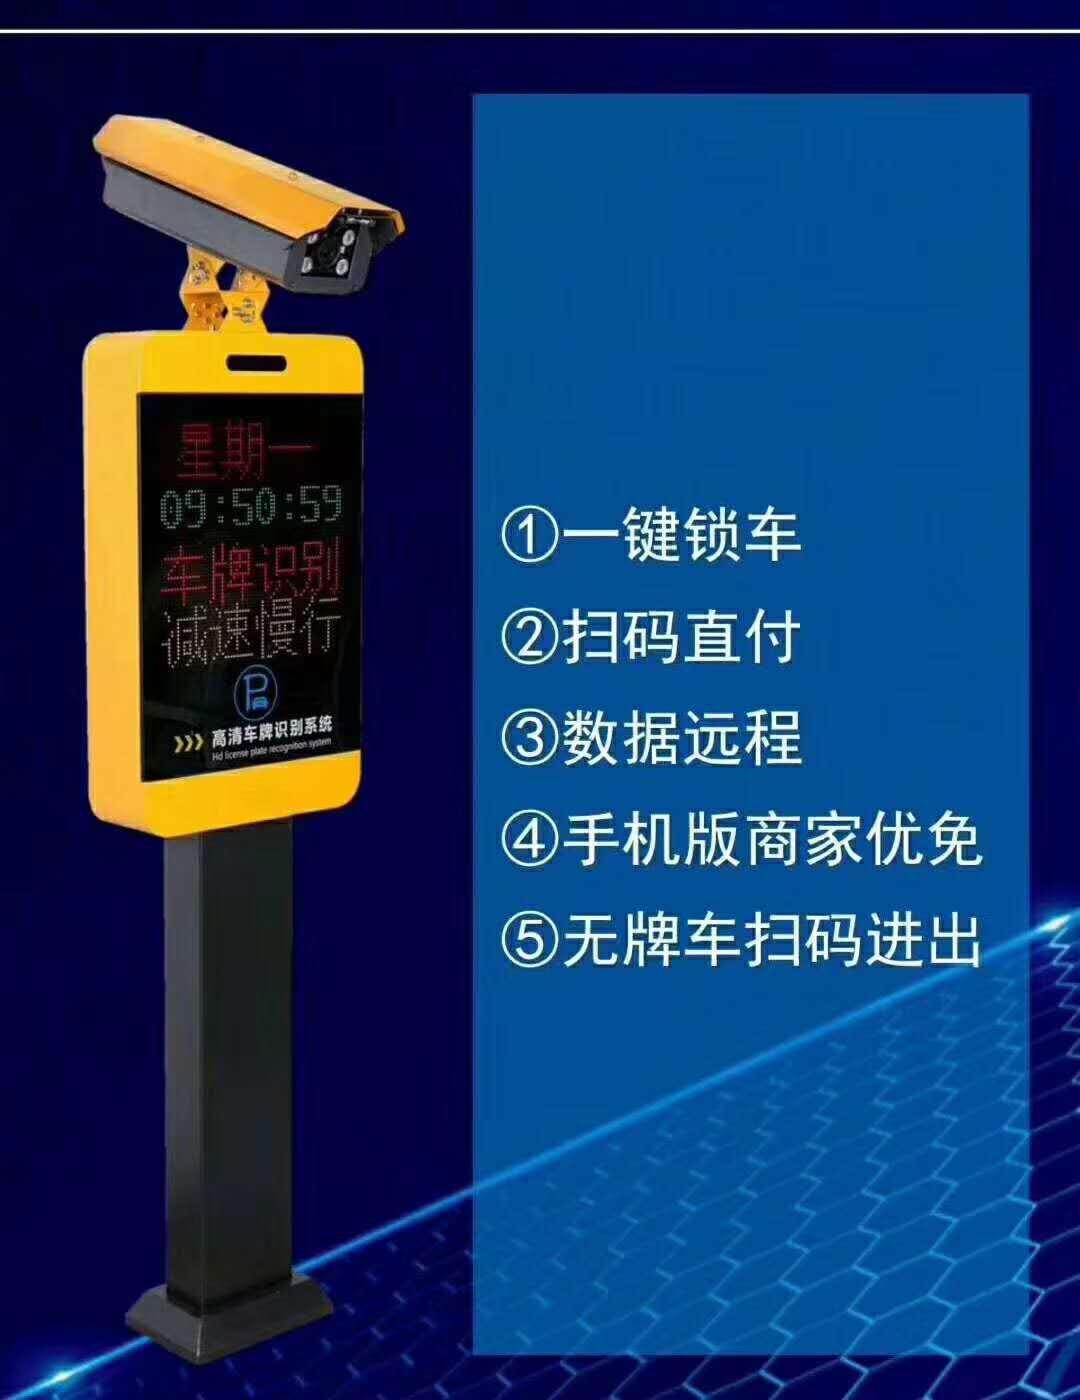 天津智能车牌识别系统